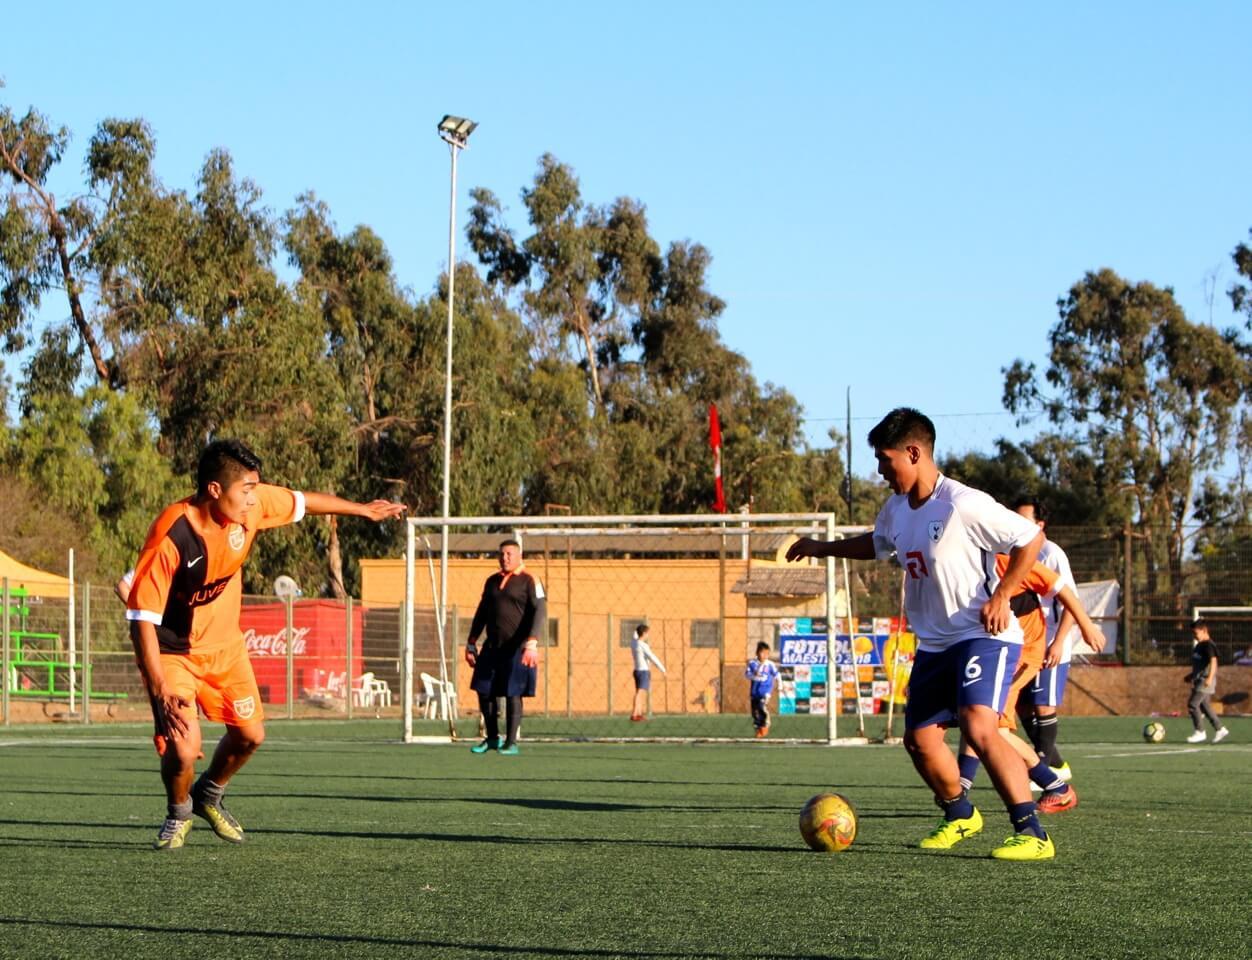 campeonato-Futbol-maestro-trabajadores-constructora-rencoret-2018-Cordep-fundacion-CCHC-La-Serena-Coquimbo-9